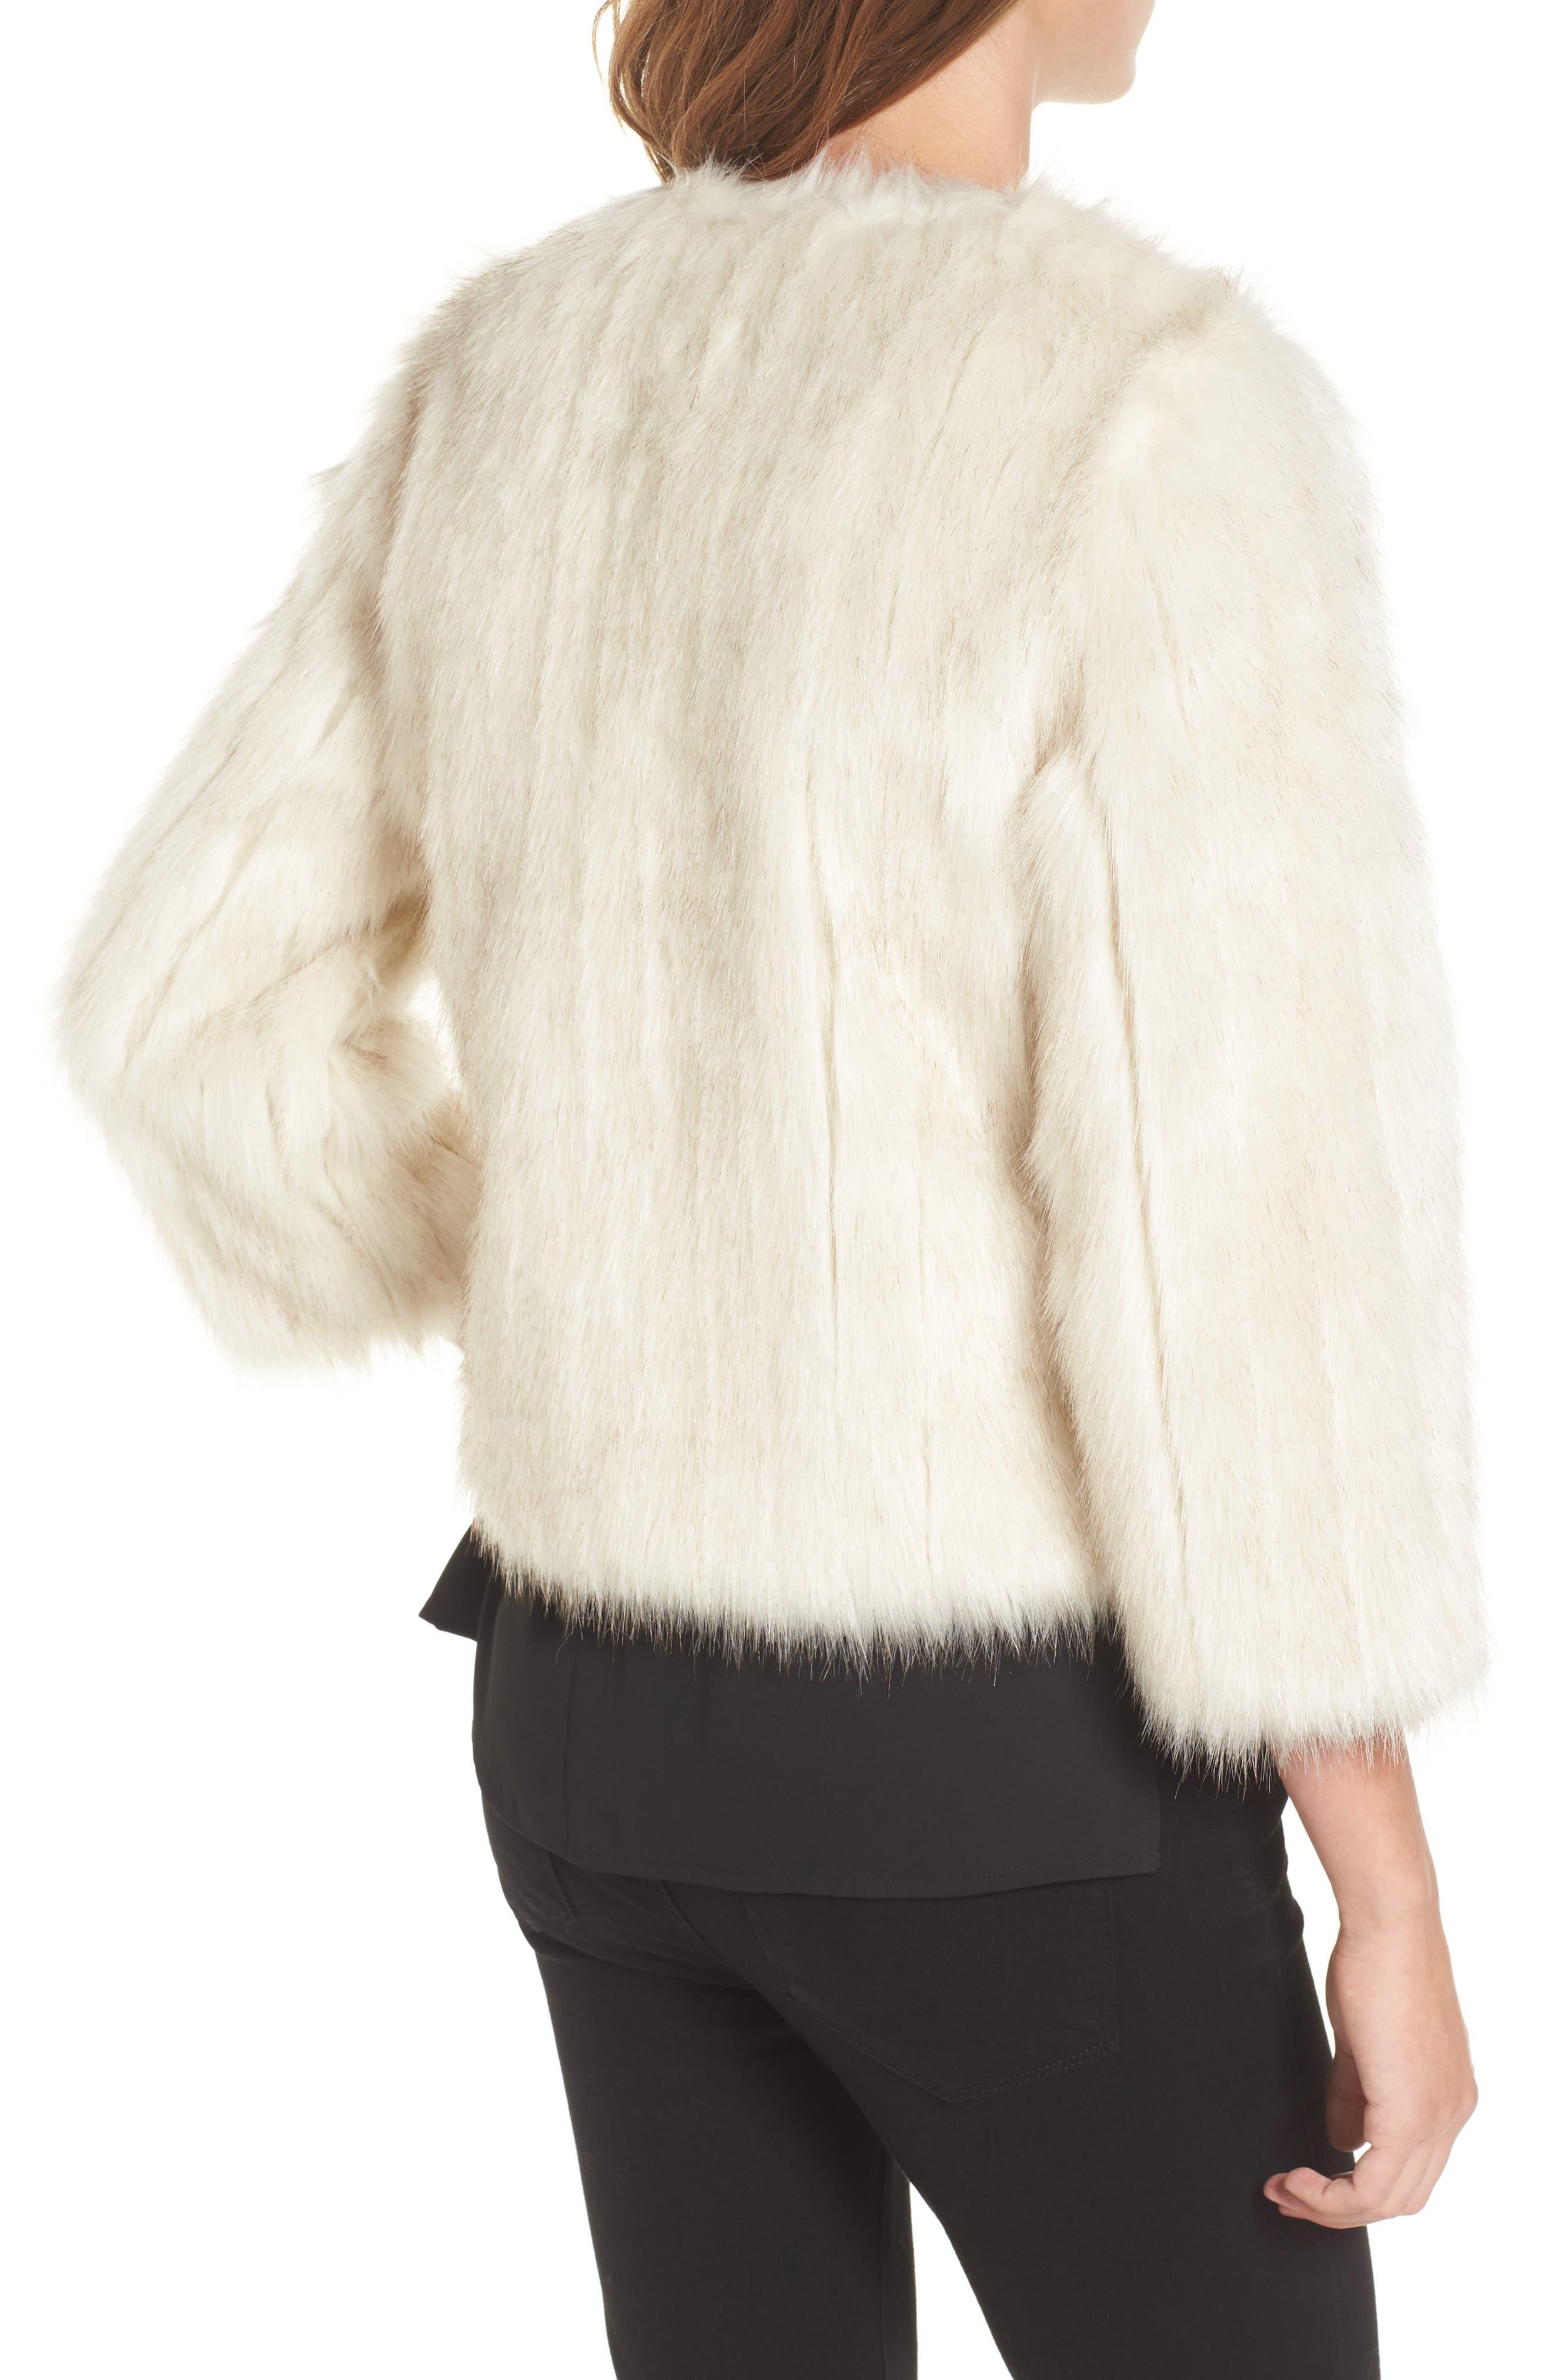 Winter Faux Fur Jacket,                             Alternate thumbnail 2, color,                             905